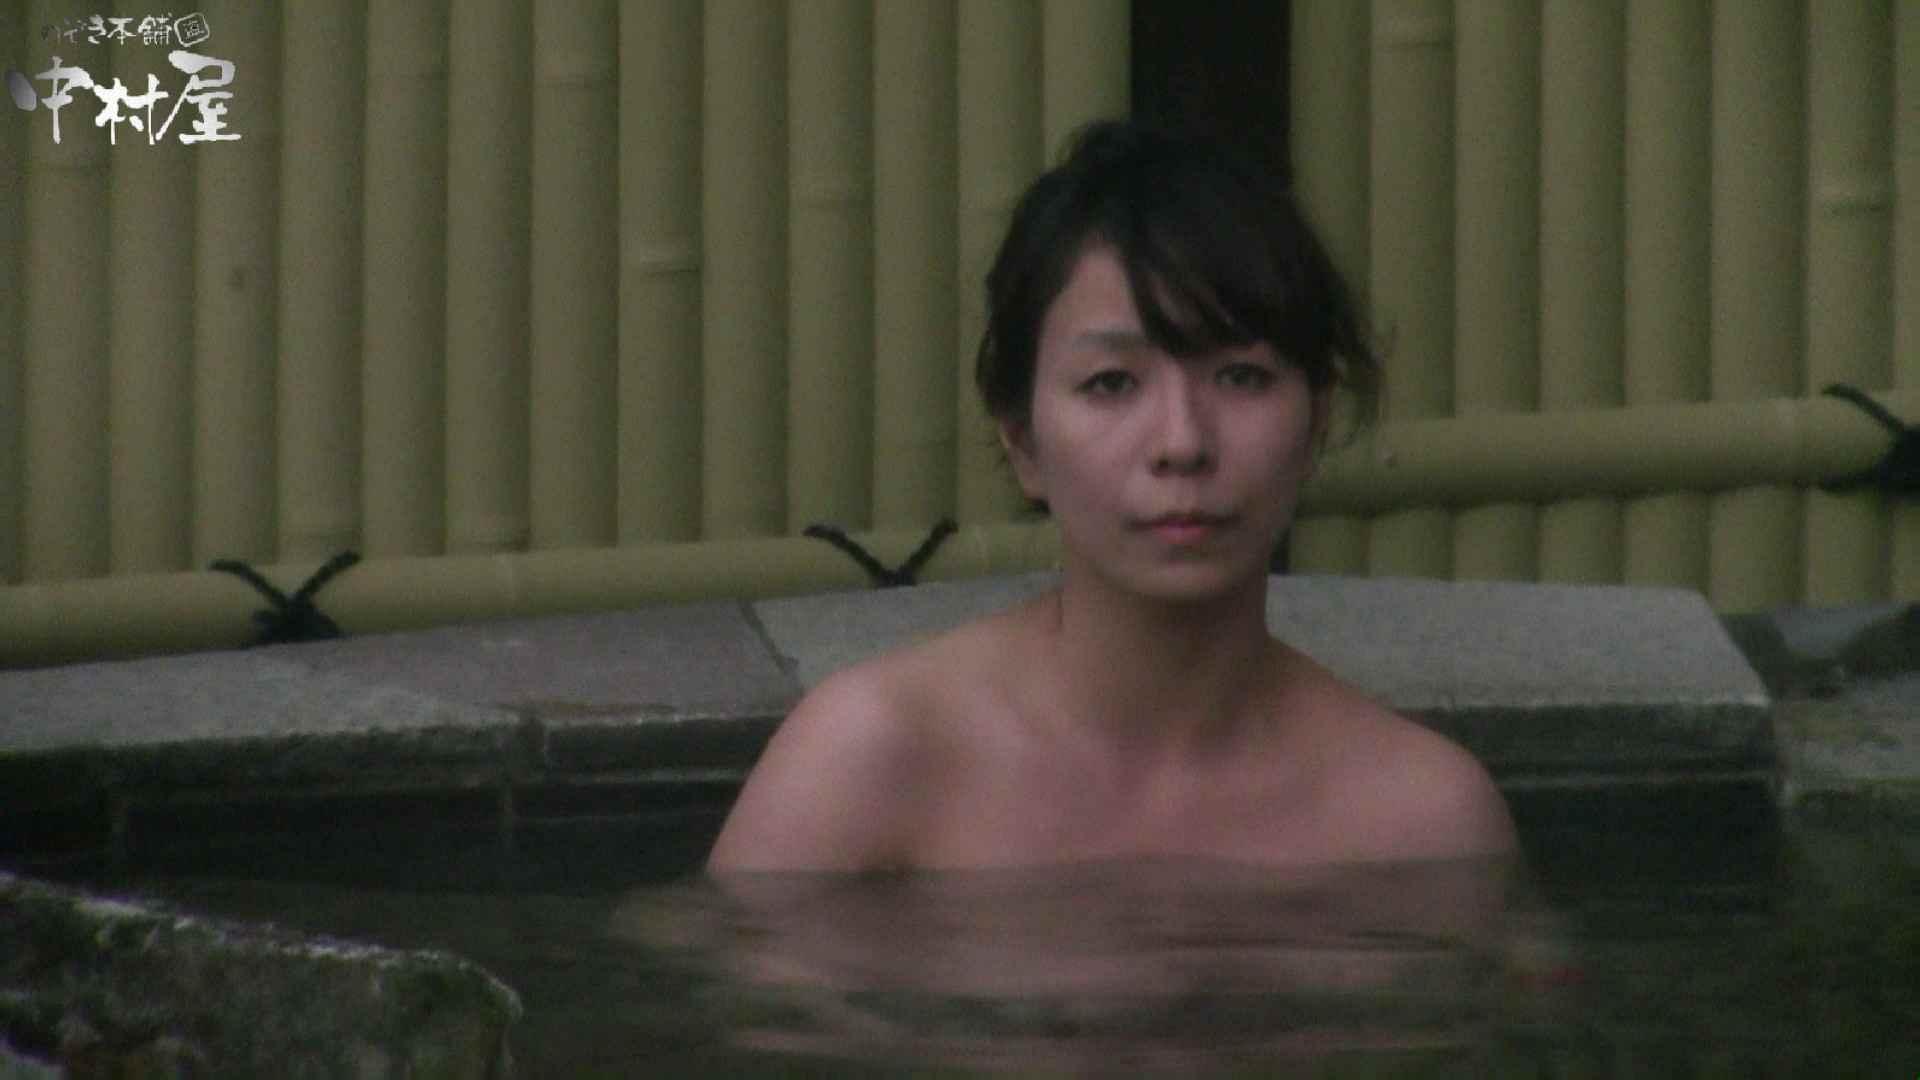 Aquaな露天風呂Vol.930 OL  66pic 13